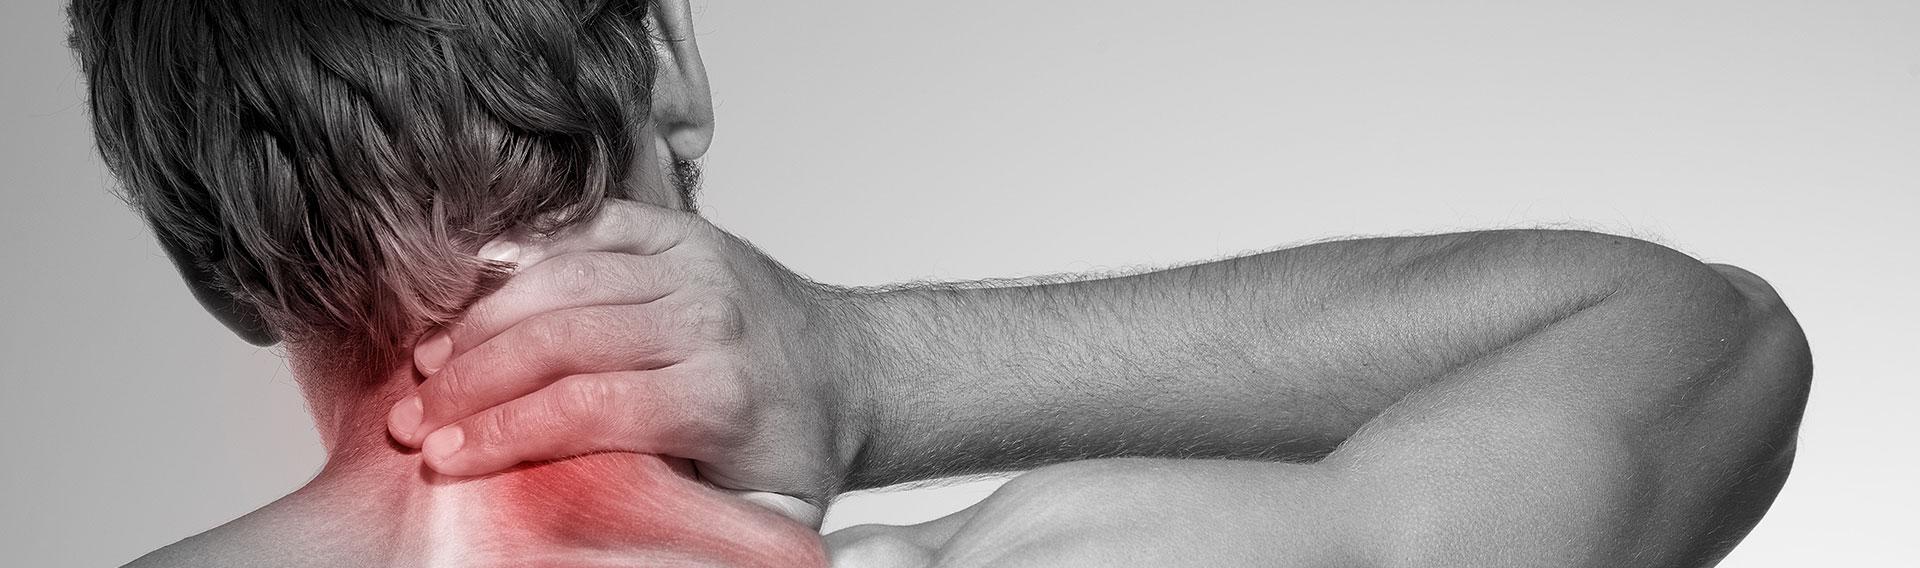 Funktionsanalyse und Diagnose in unserer kieferorthopädischen Praxis